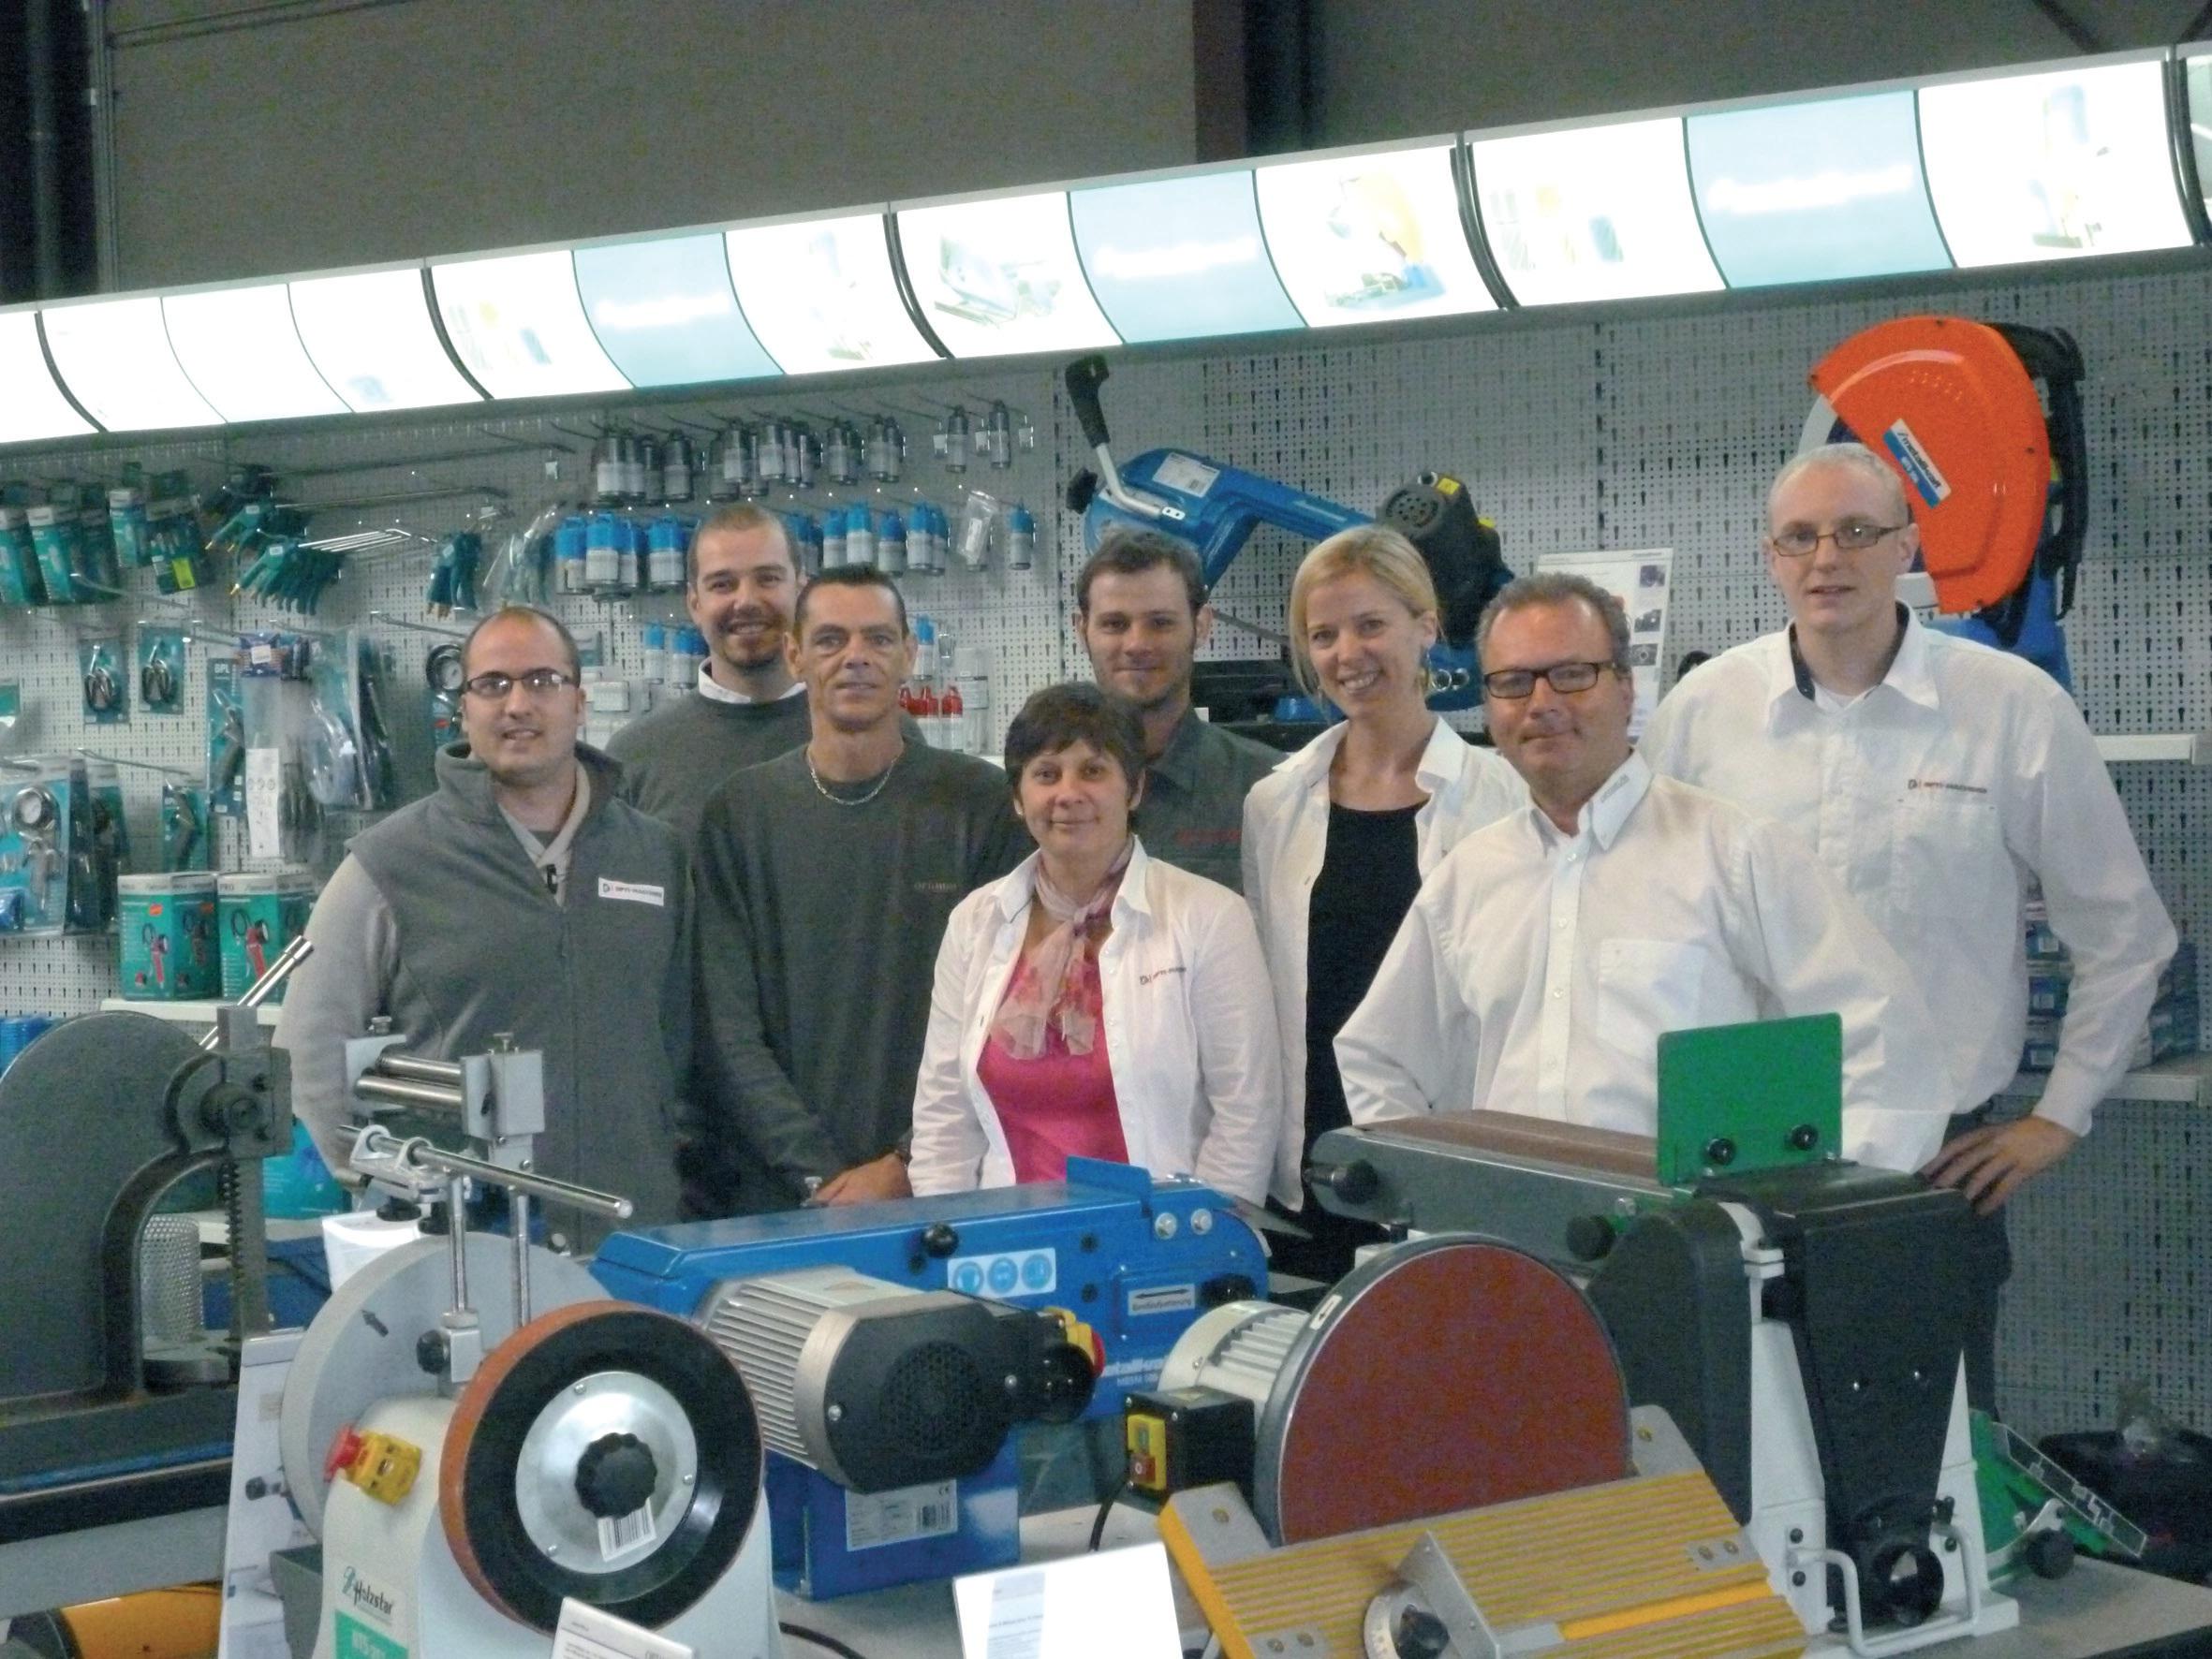 Une équipe très soudée autour de Philippe De Leeuw (2e à droite). La société, qui a un positionnement original, se développe tout en gardant une proximité avec le client, qu'il soit amateur ou professionnel.